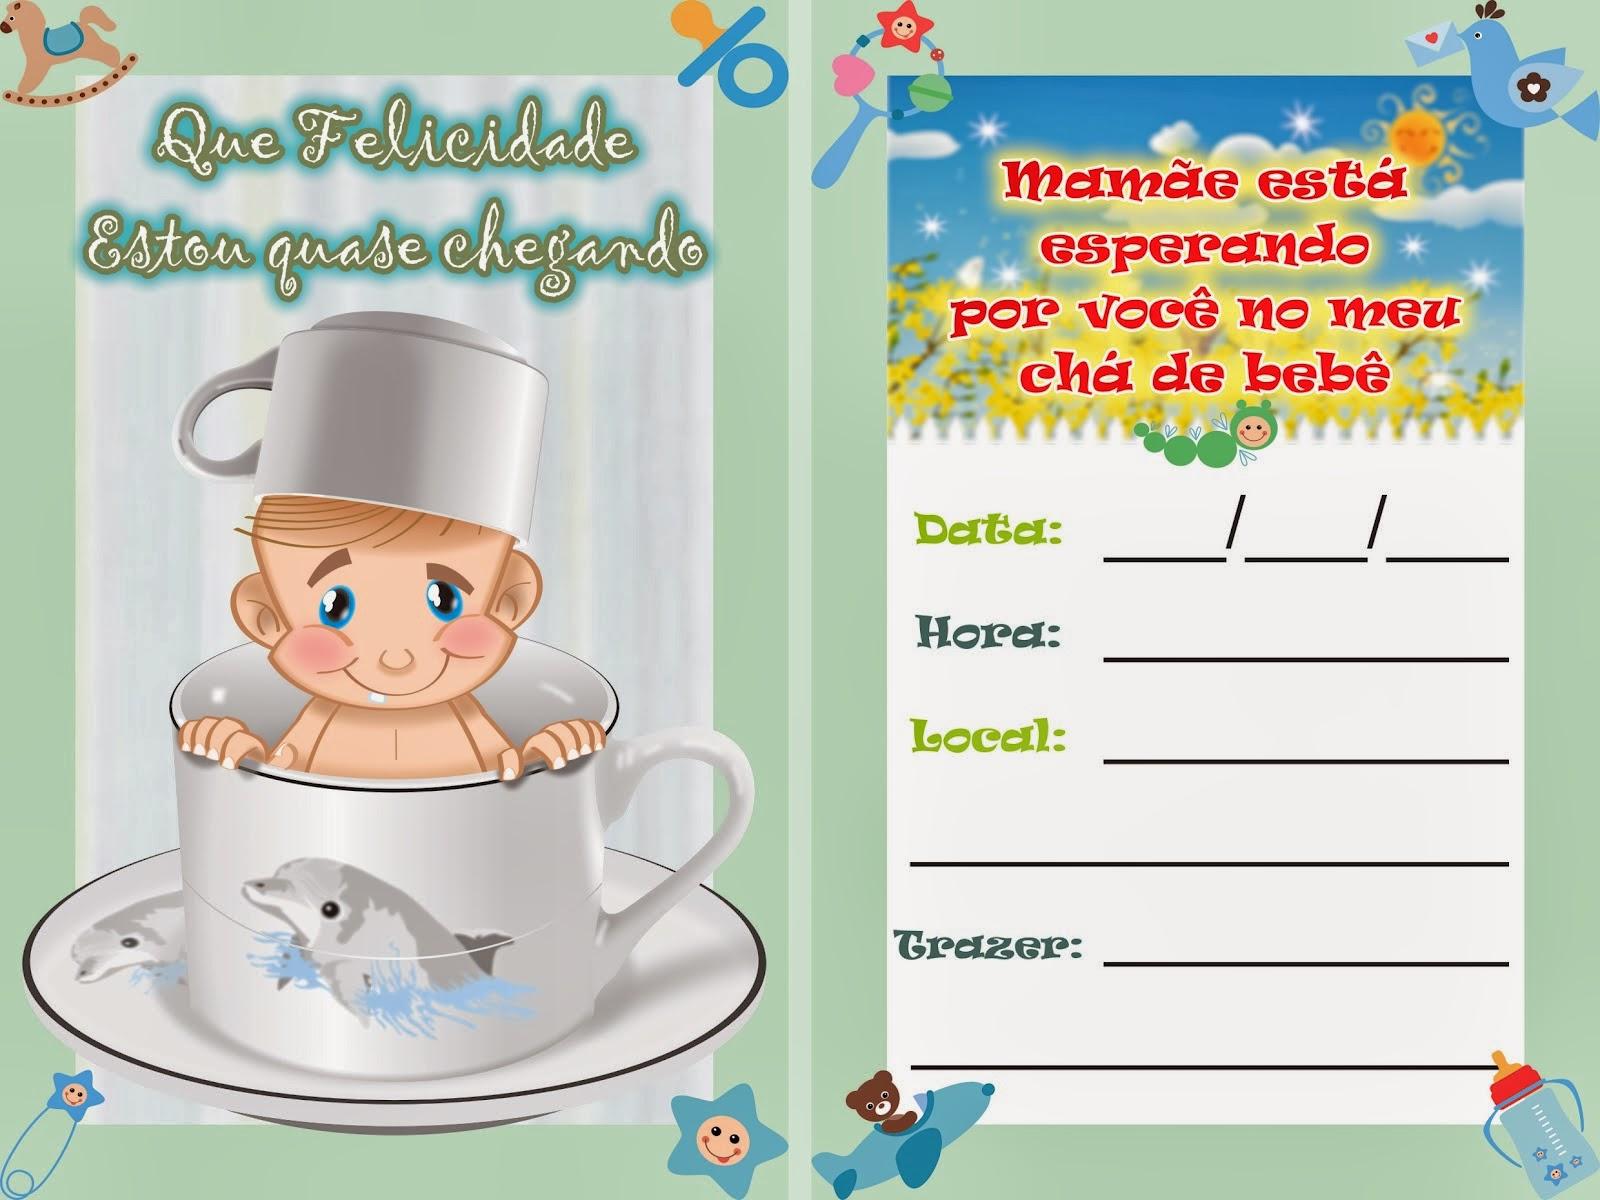 Convite para chá de bebê para imprimir 4